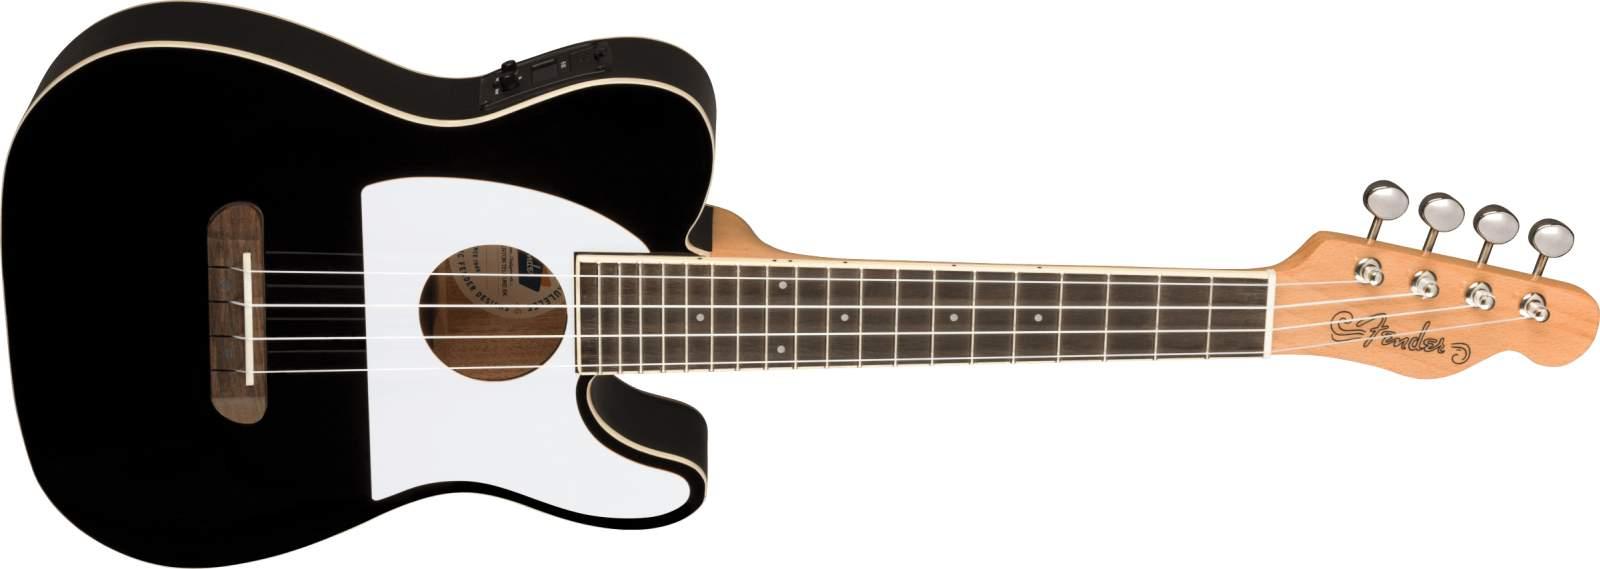 Fender Fullerton Tele Ukulele black